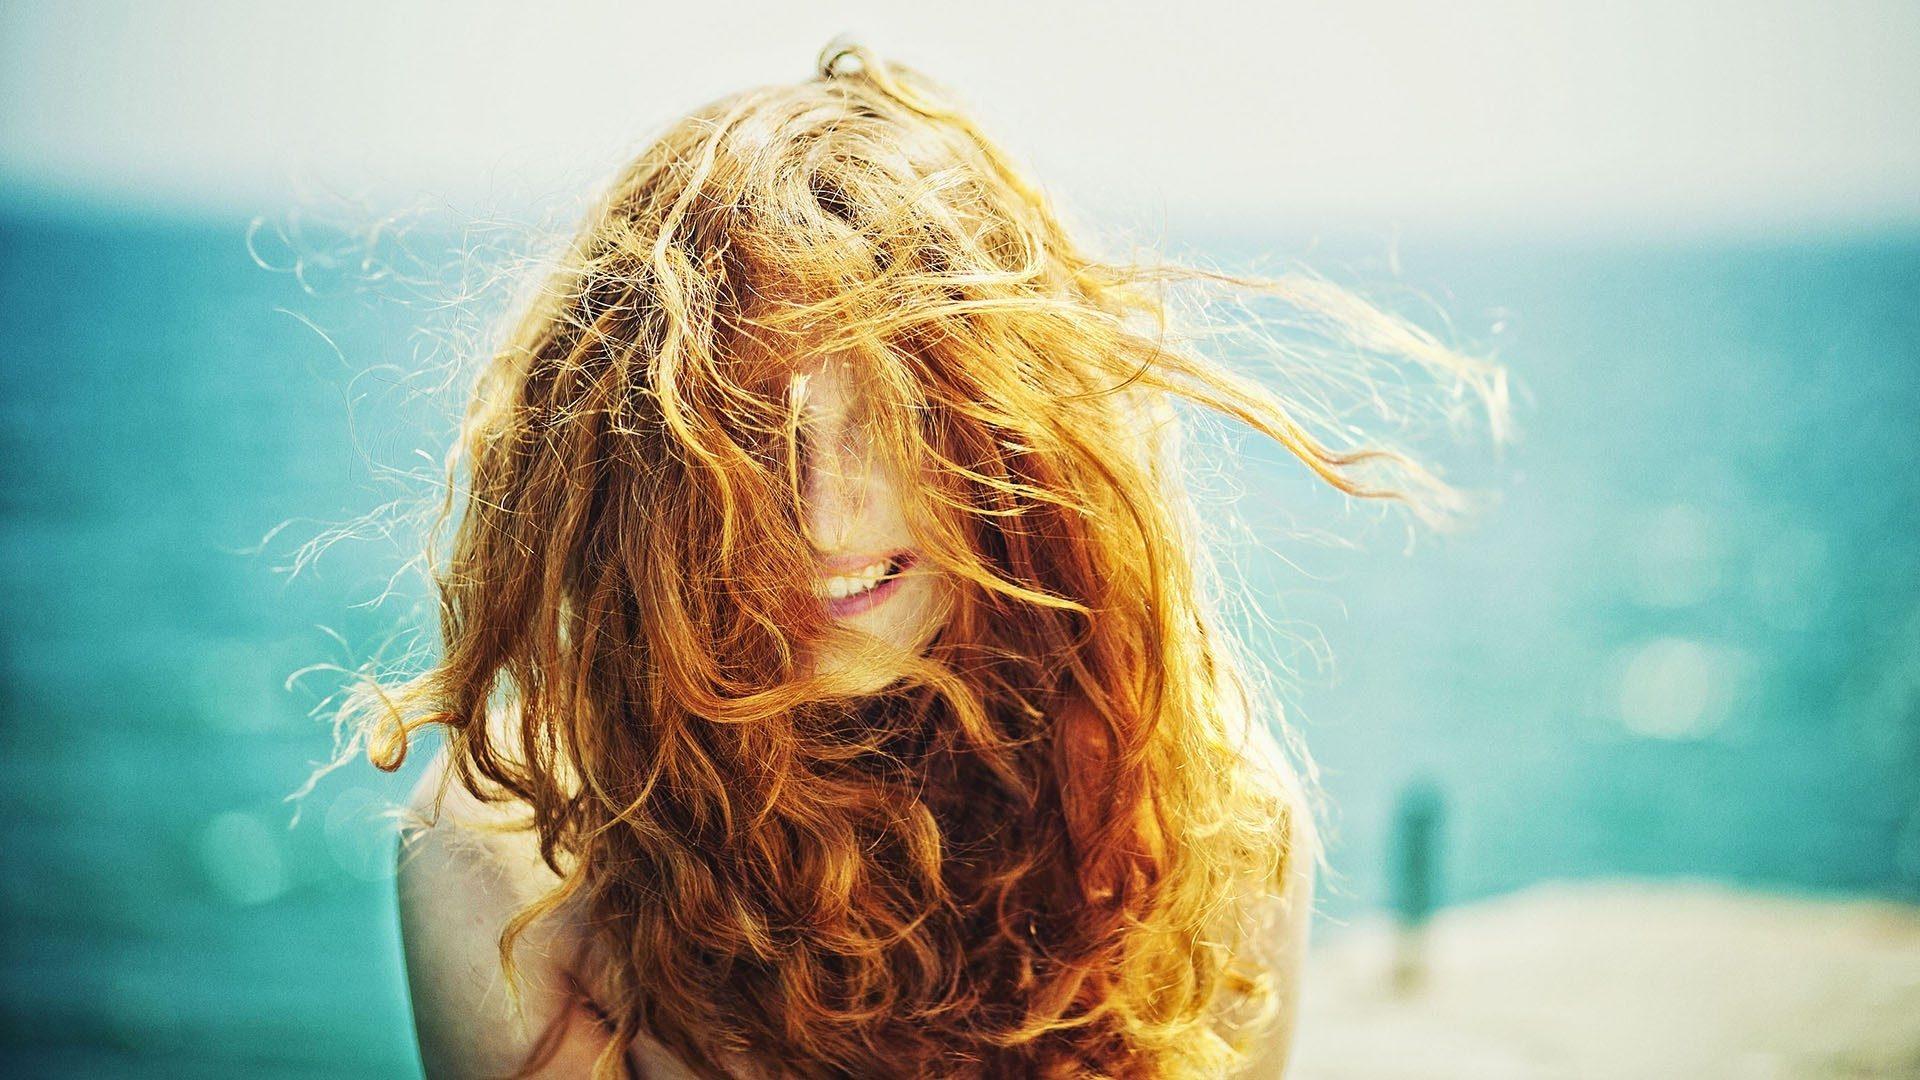 Волосы картинки для любимой - e57